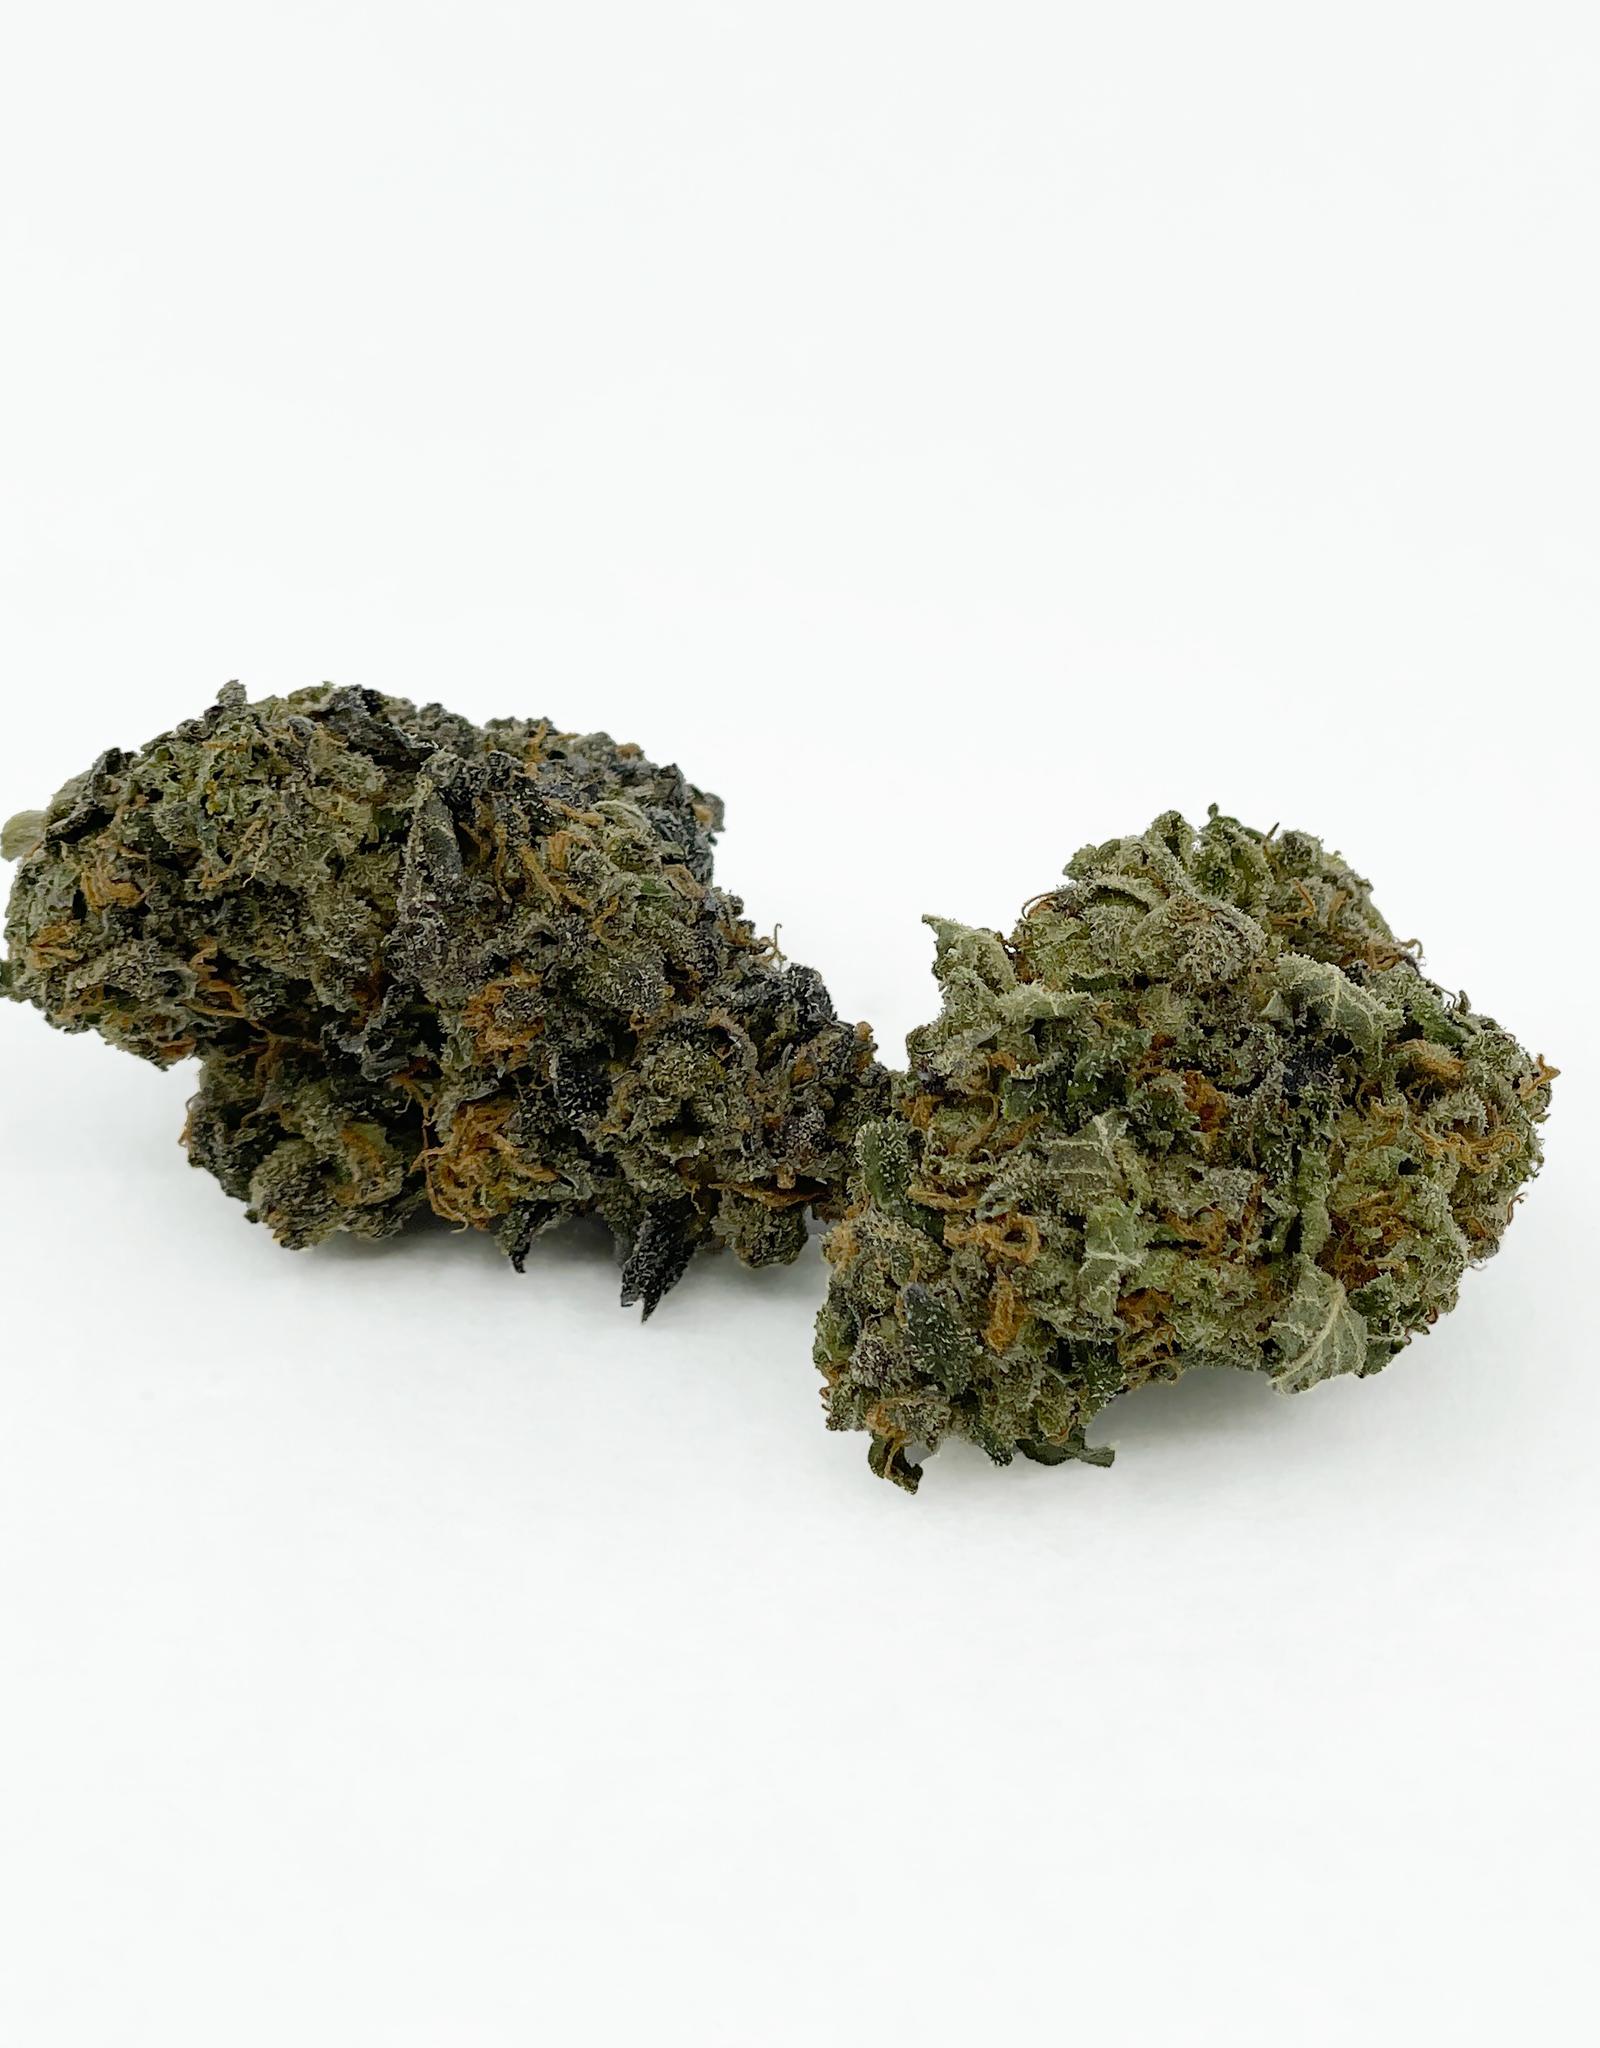 Joint Venture Craft Cannabis Joint Venture Craft Cannabis - Pistol Paris Sunset Sherbert - 3.5G